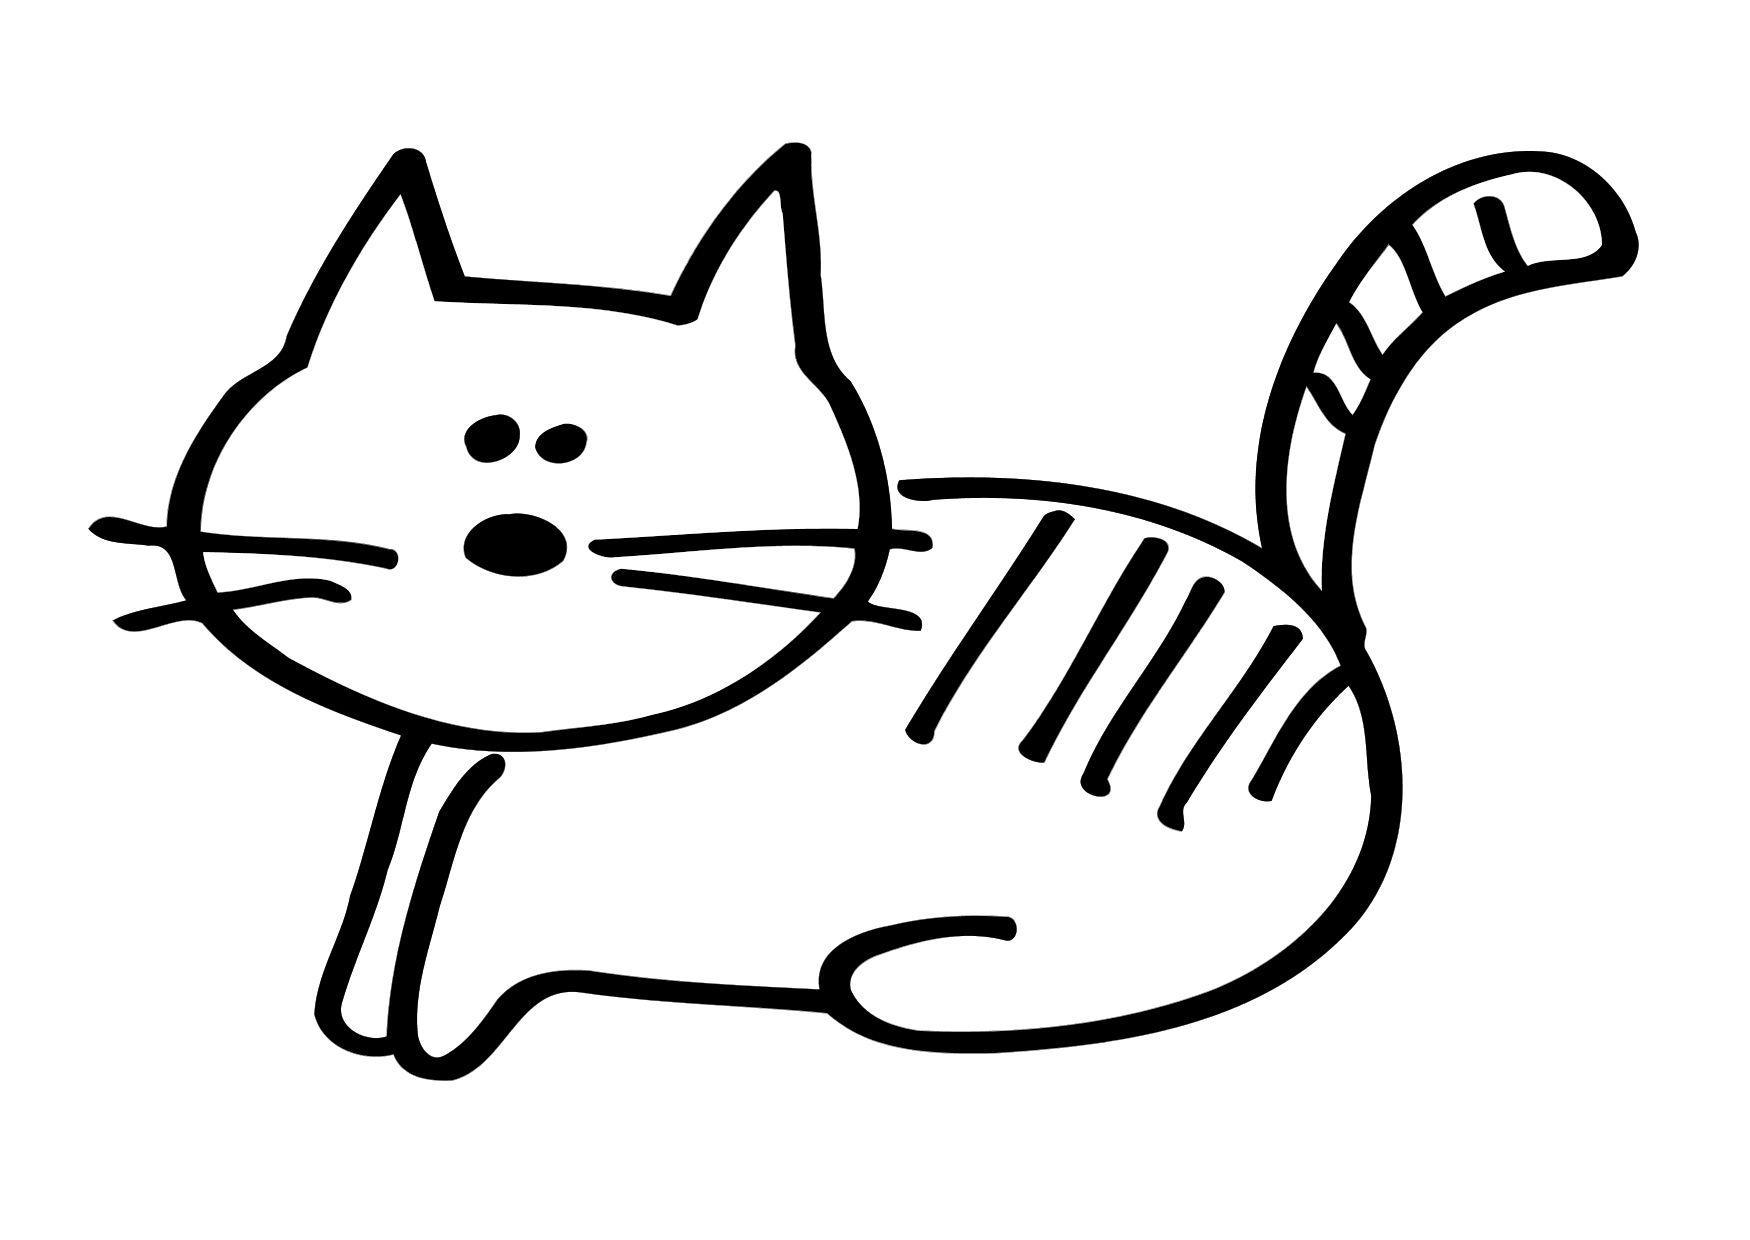 Katzen Ausmalbilder Kostenlos : Ausgezeichnet Malvorlagen Katze Galerie Malvorlagen Ideen